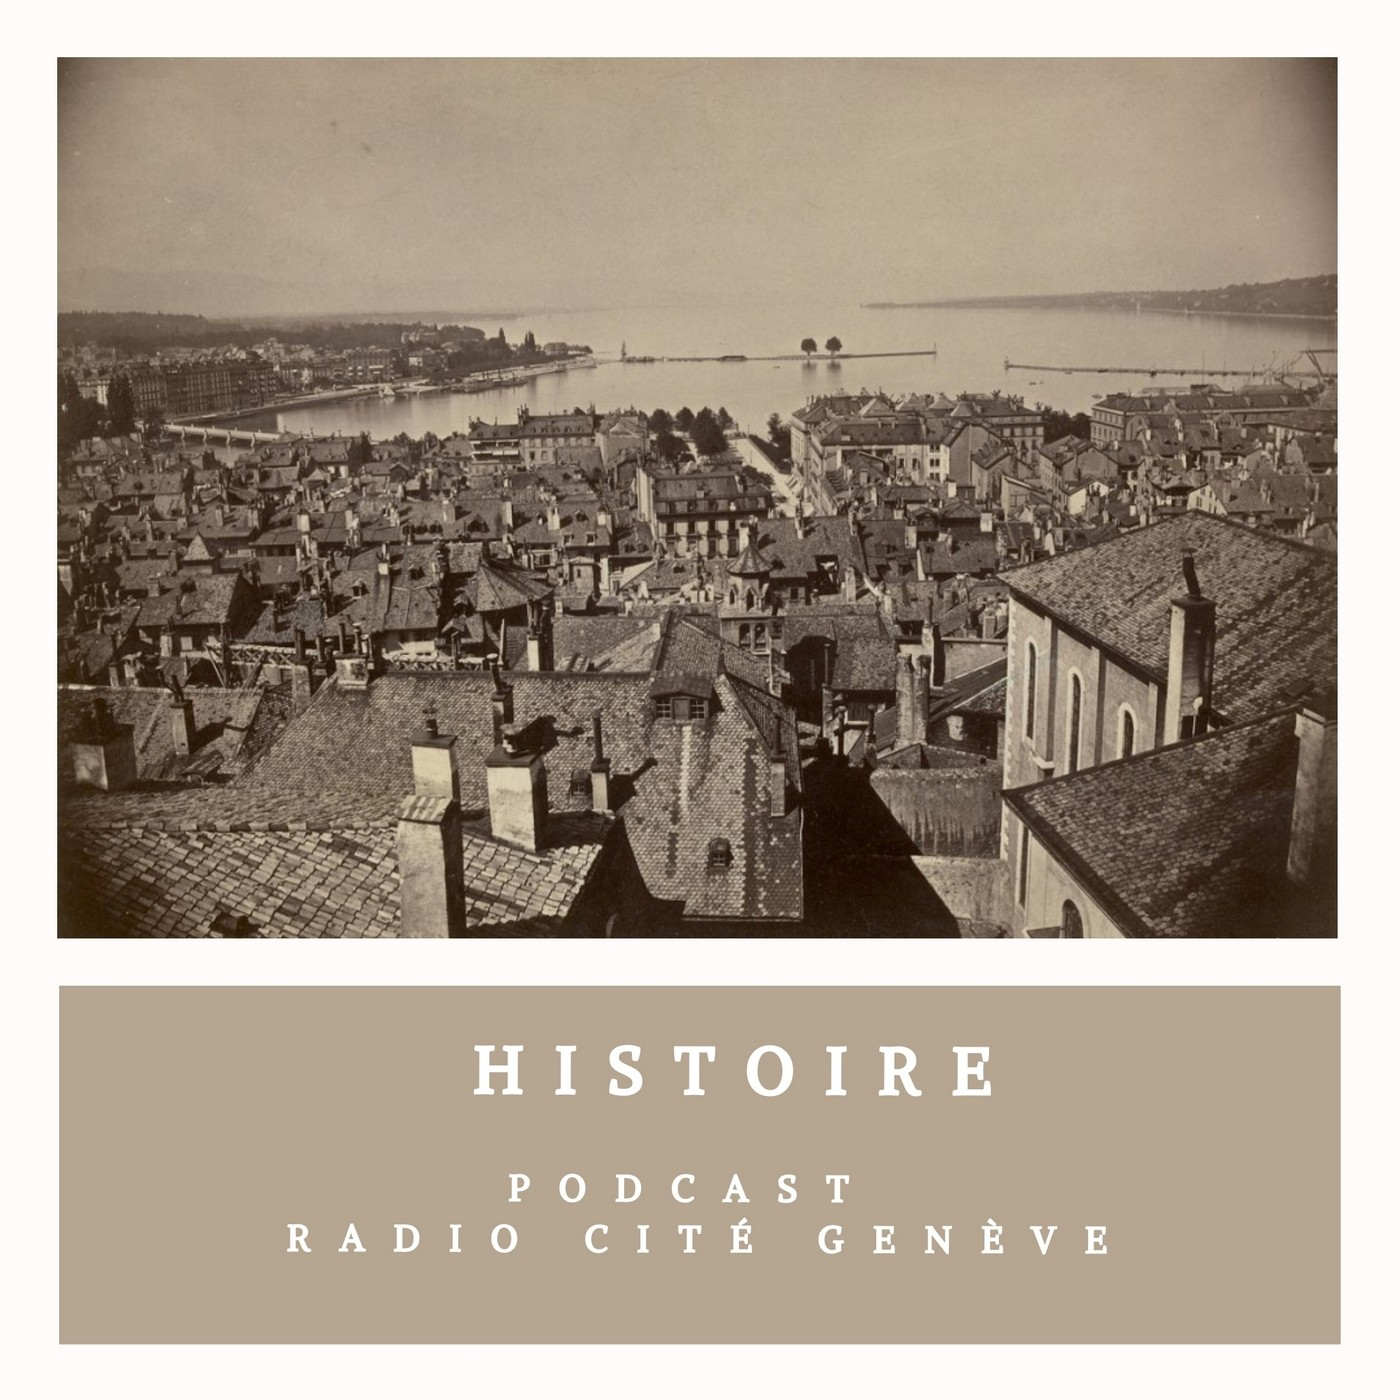 Histoire - 12/03/21 - Les années 70/80 à Genève